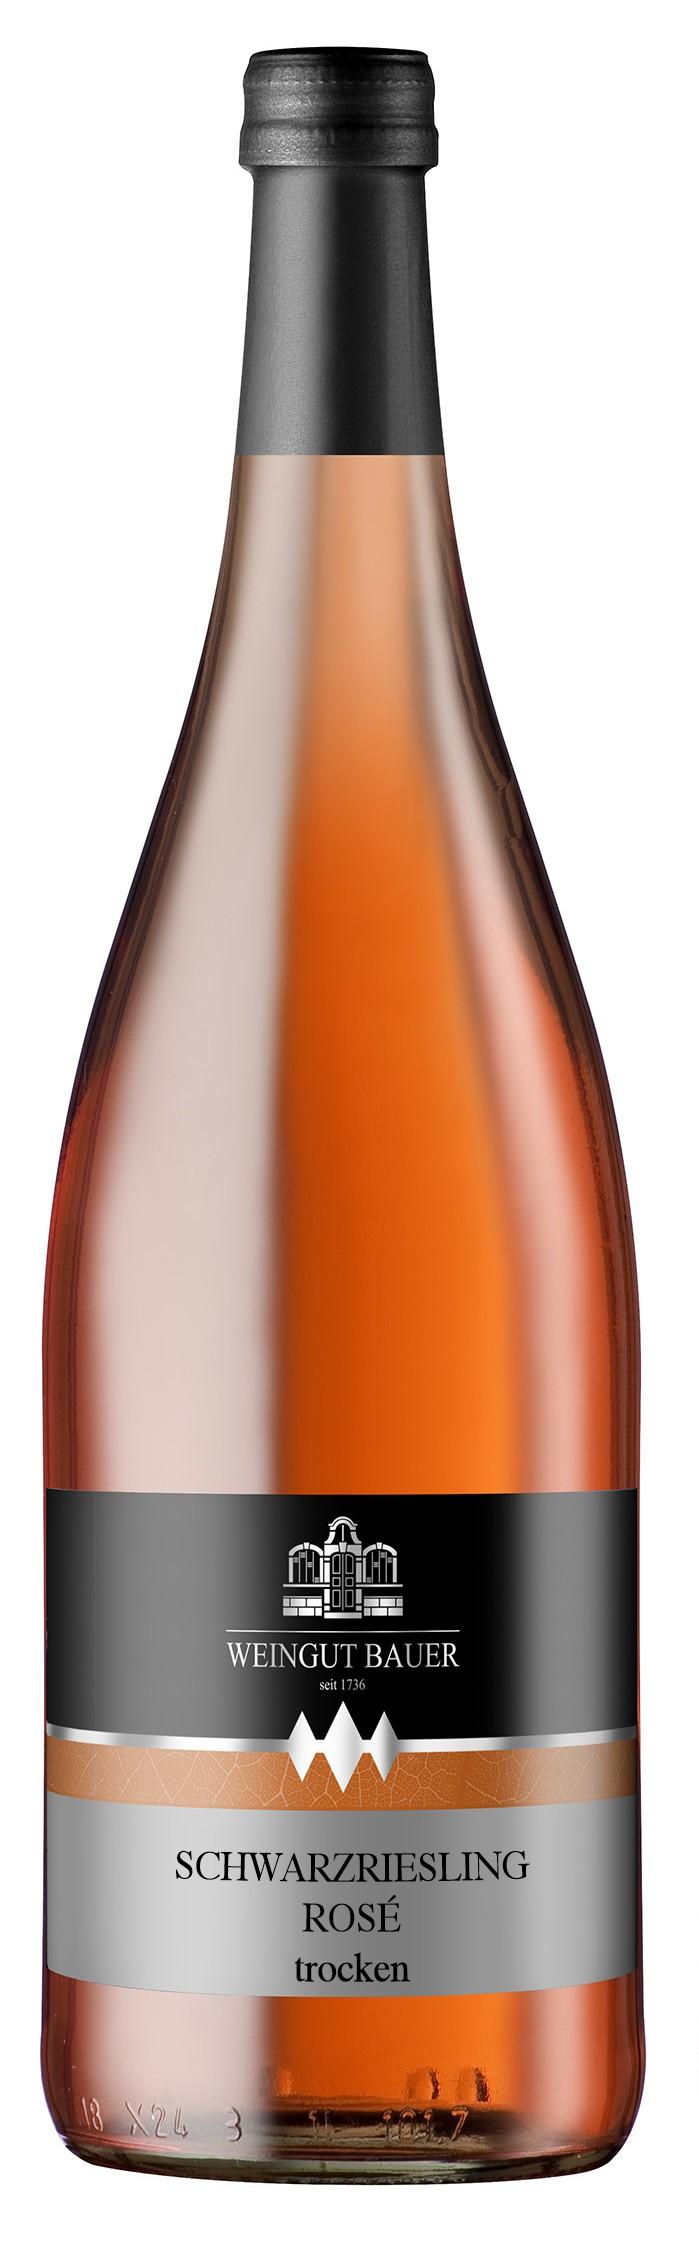 2015 Schwarzriesling Rosé trocken 1000ml